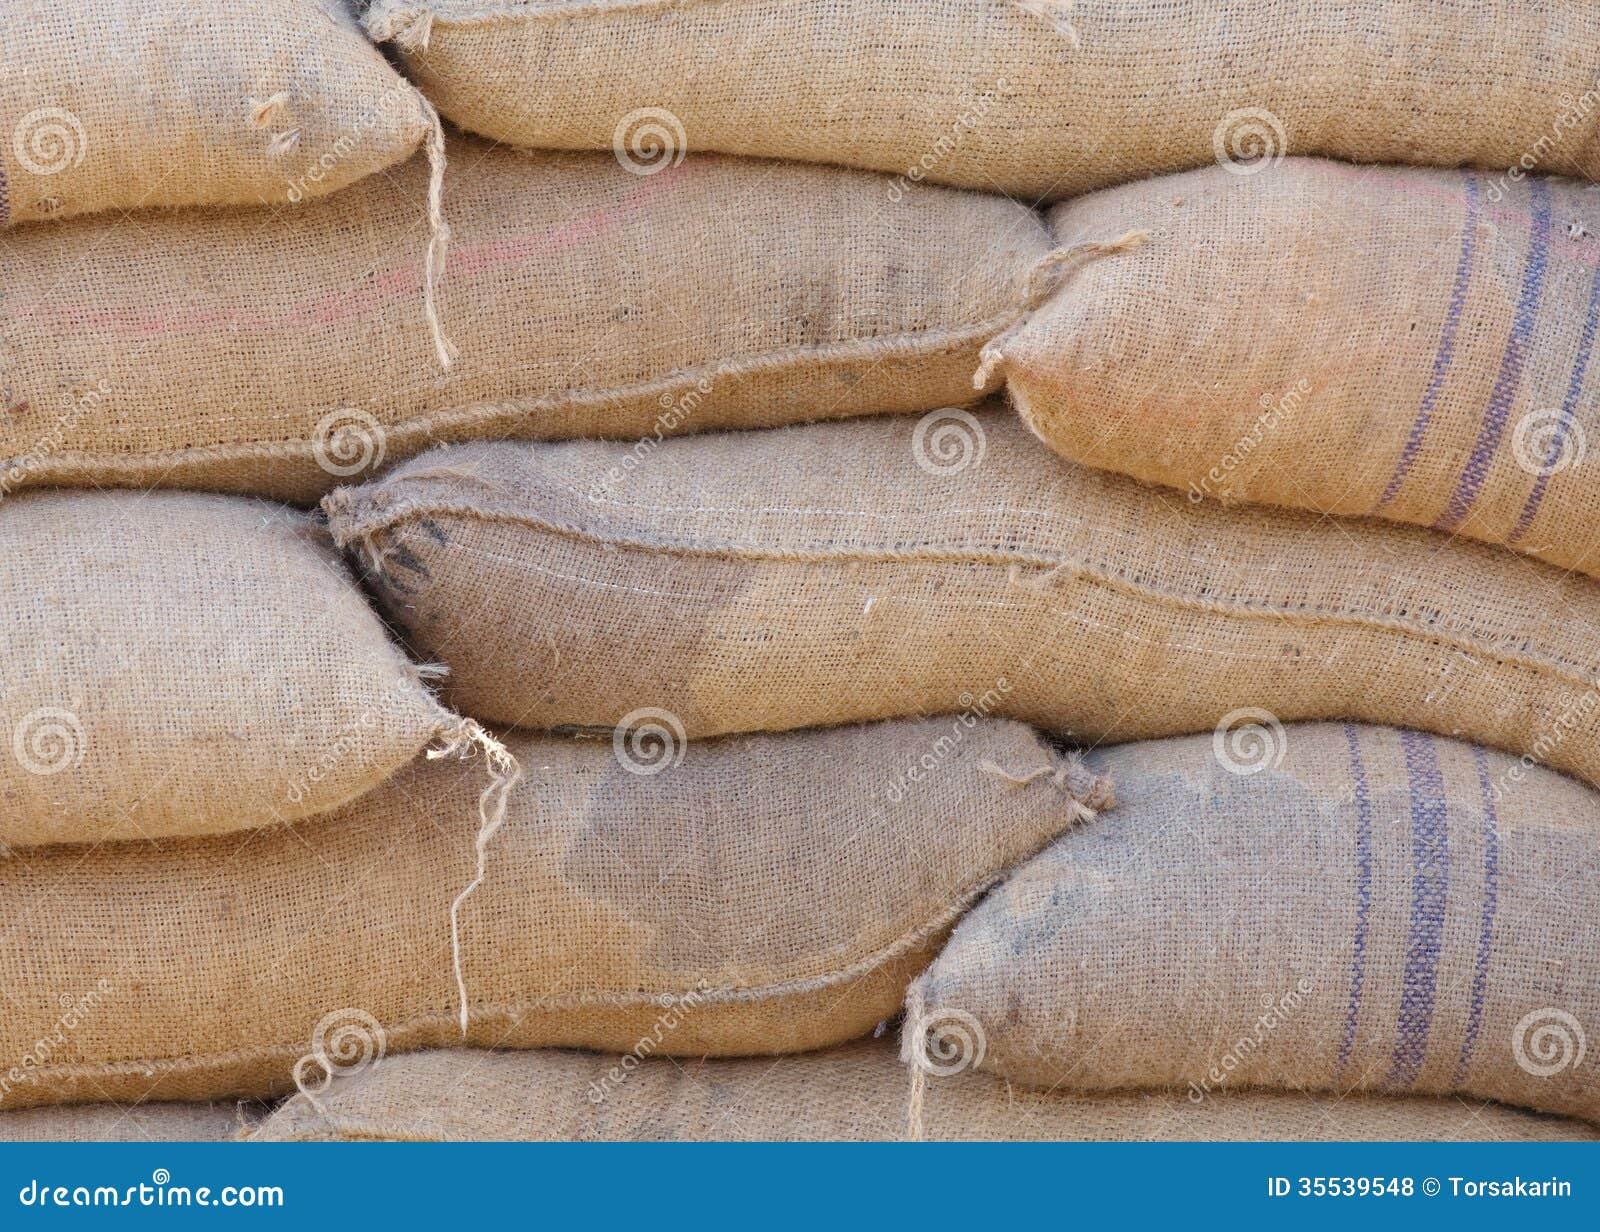 Riz dans le sac de l 39 entrep t photos libres de droits for Sac magique maison riz